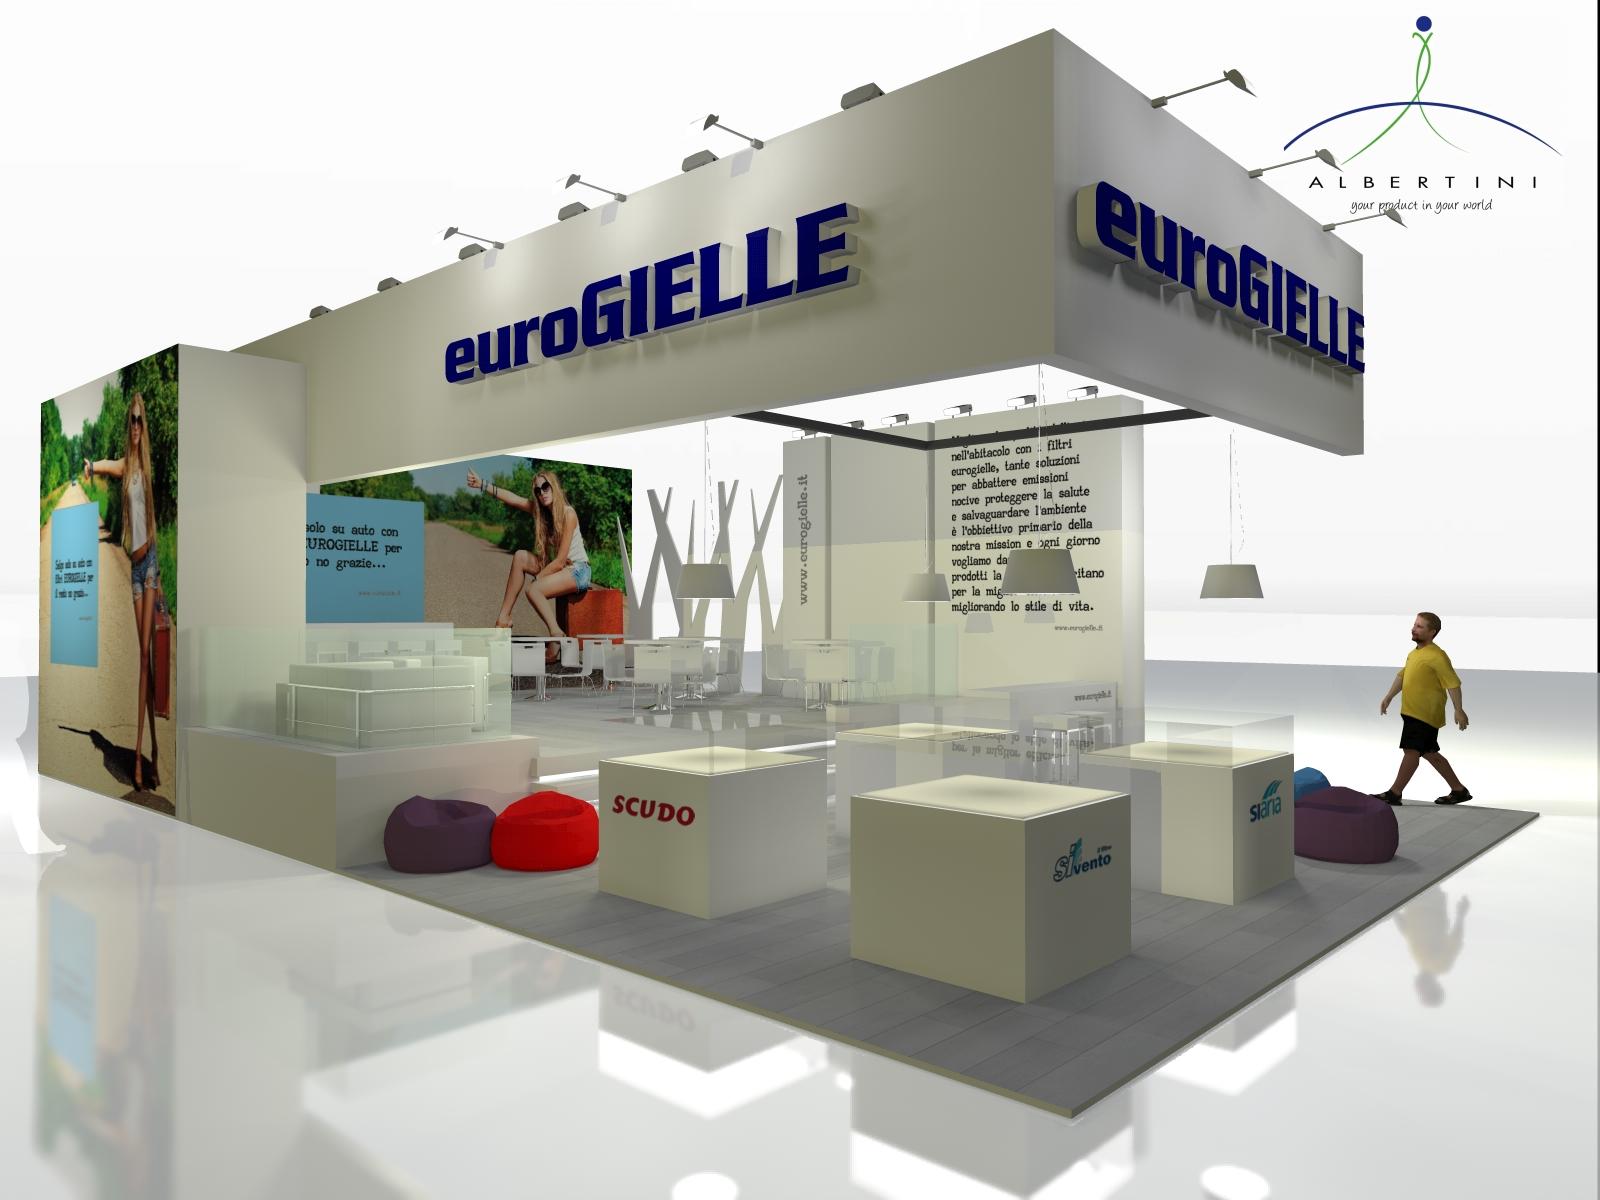 eurogielle1.2